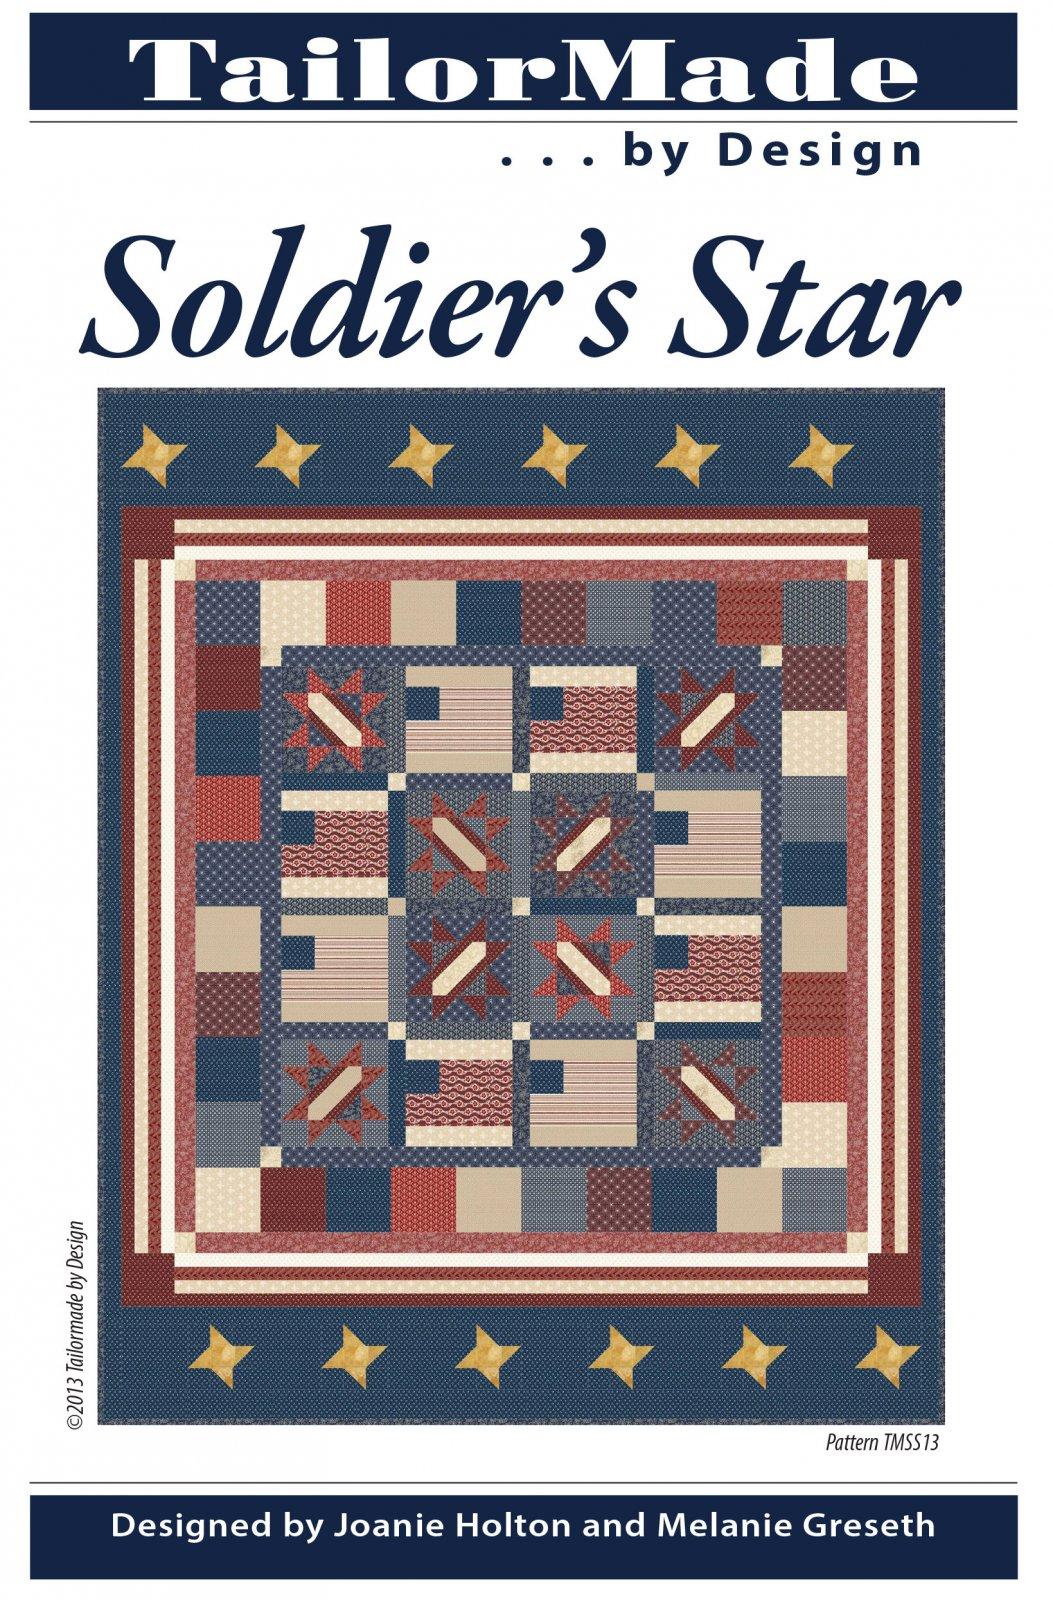 Soldier's Star pattern